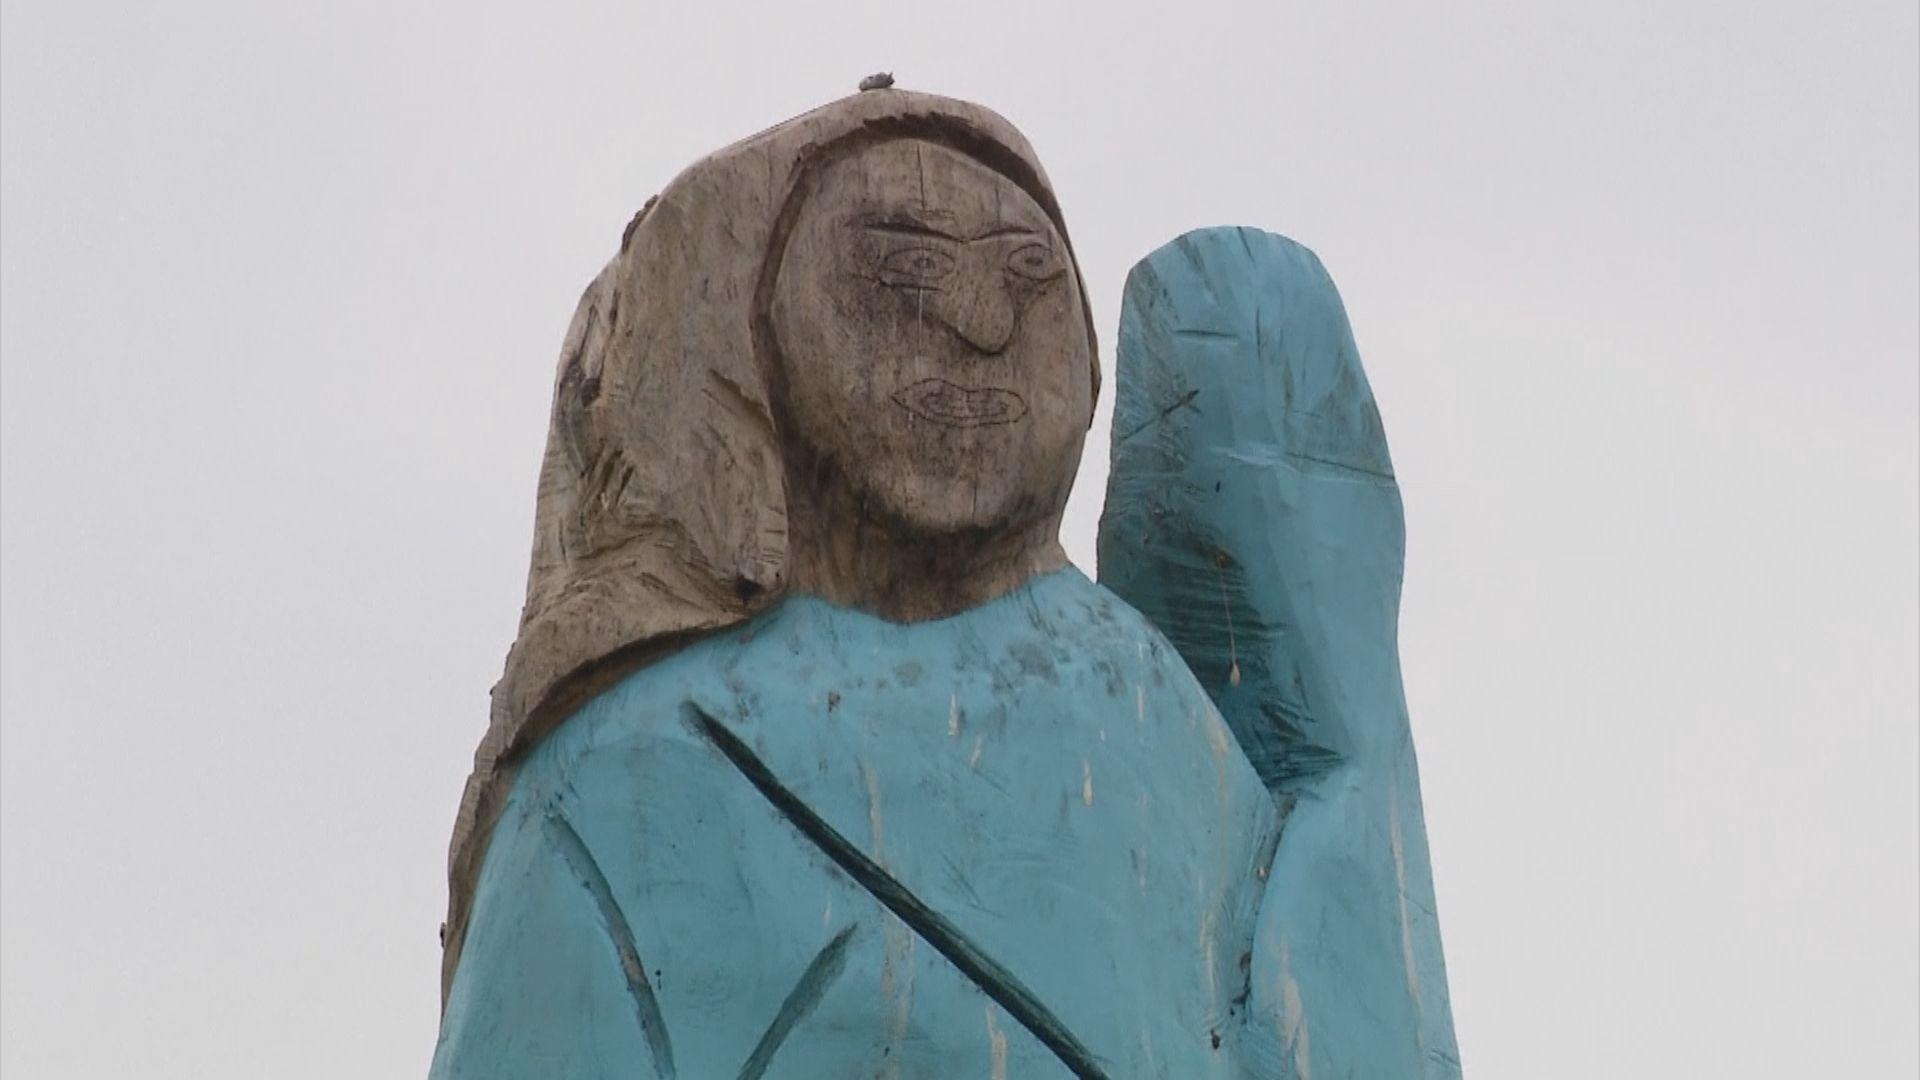 美國第一夫人梅拉尼婭家鄉豎立其雕像惹熱議